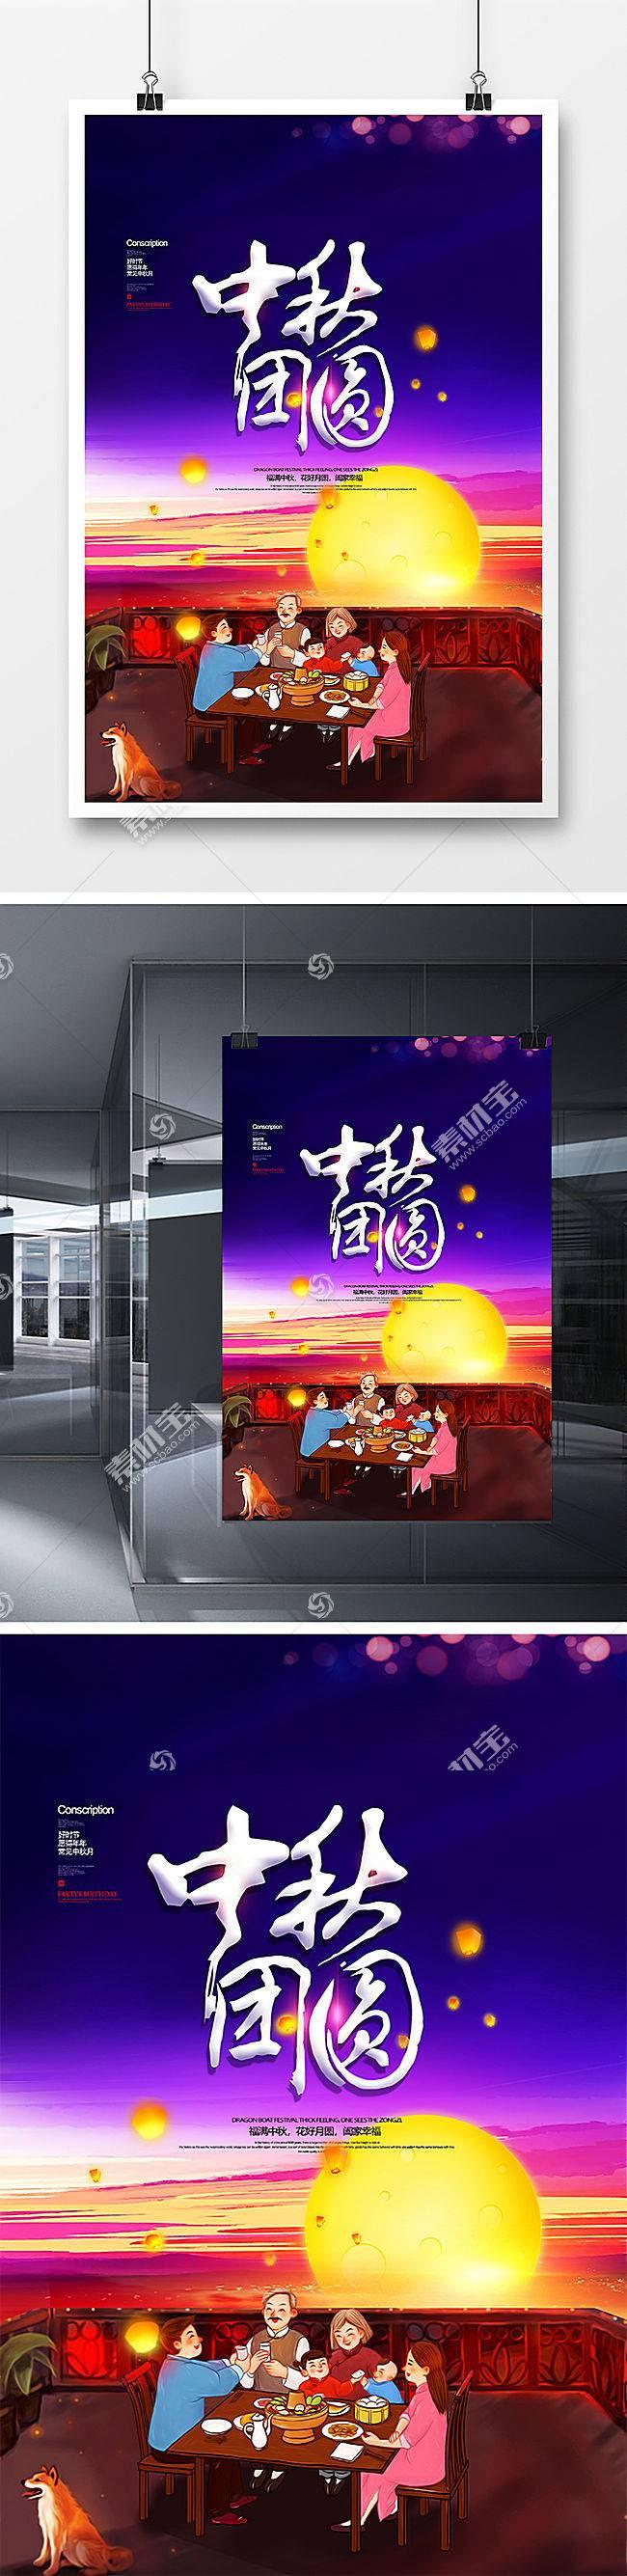 传统中国风中秋团圆中秋节海报